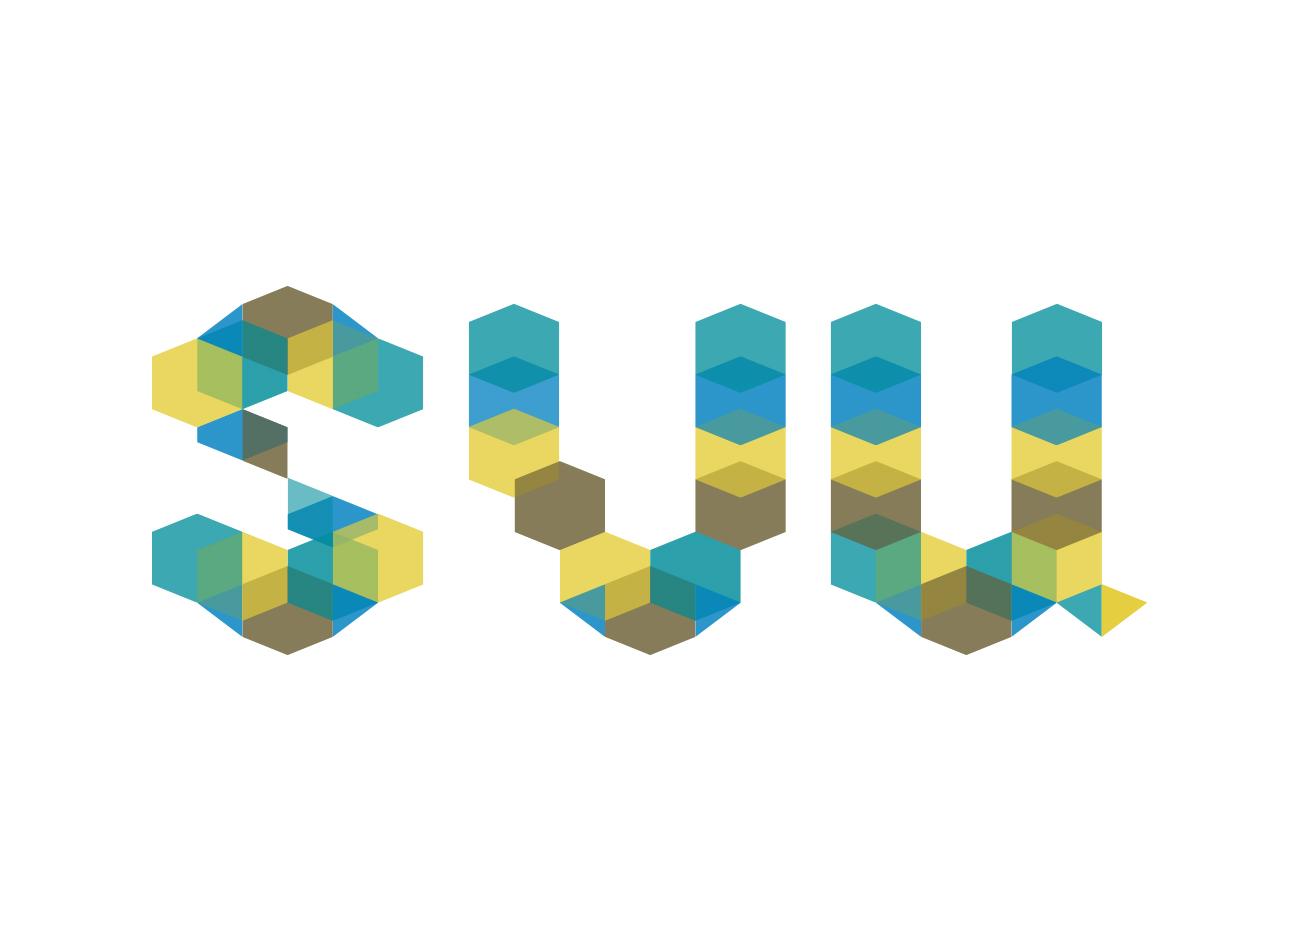 svu-2